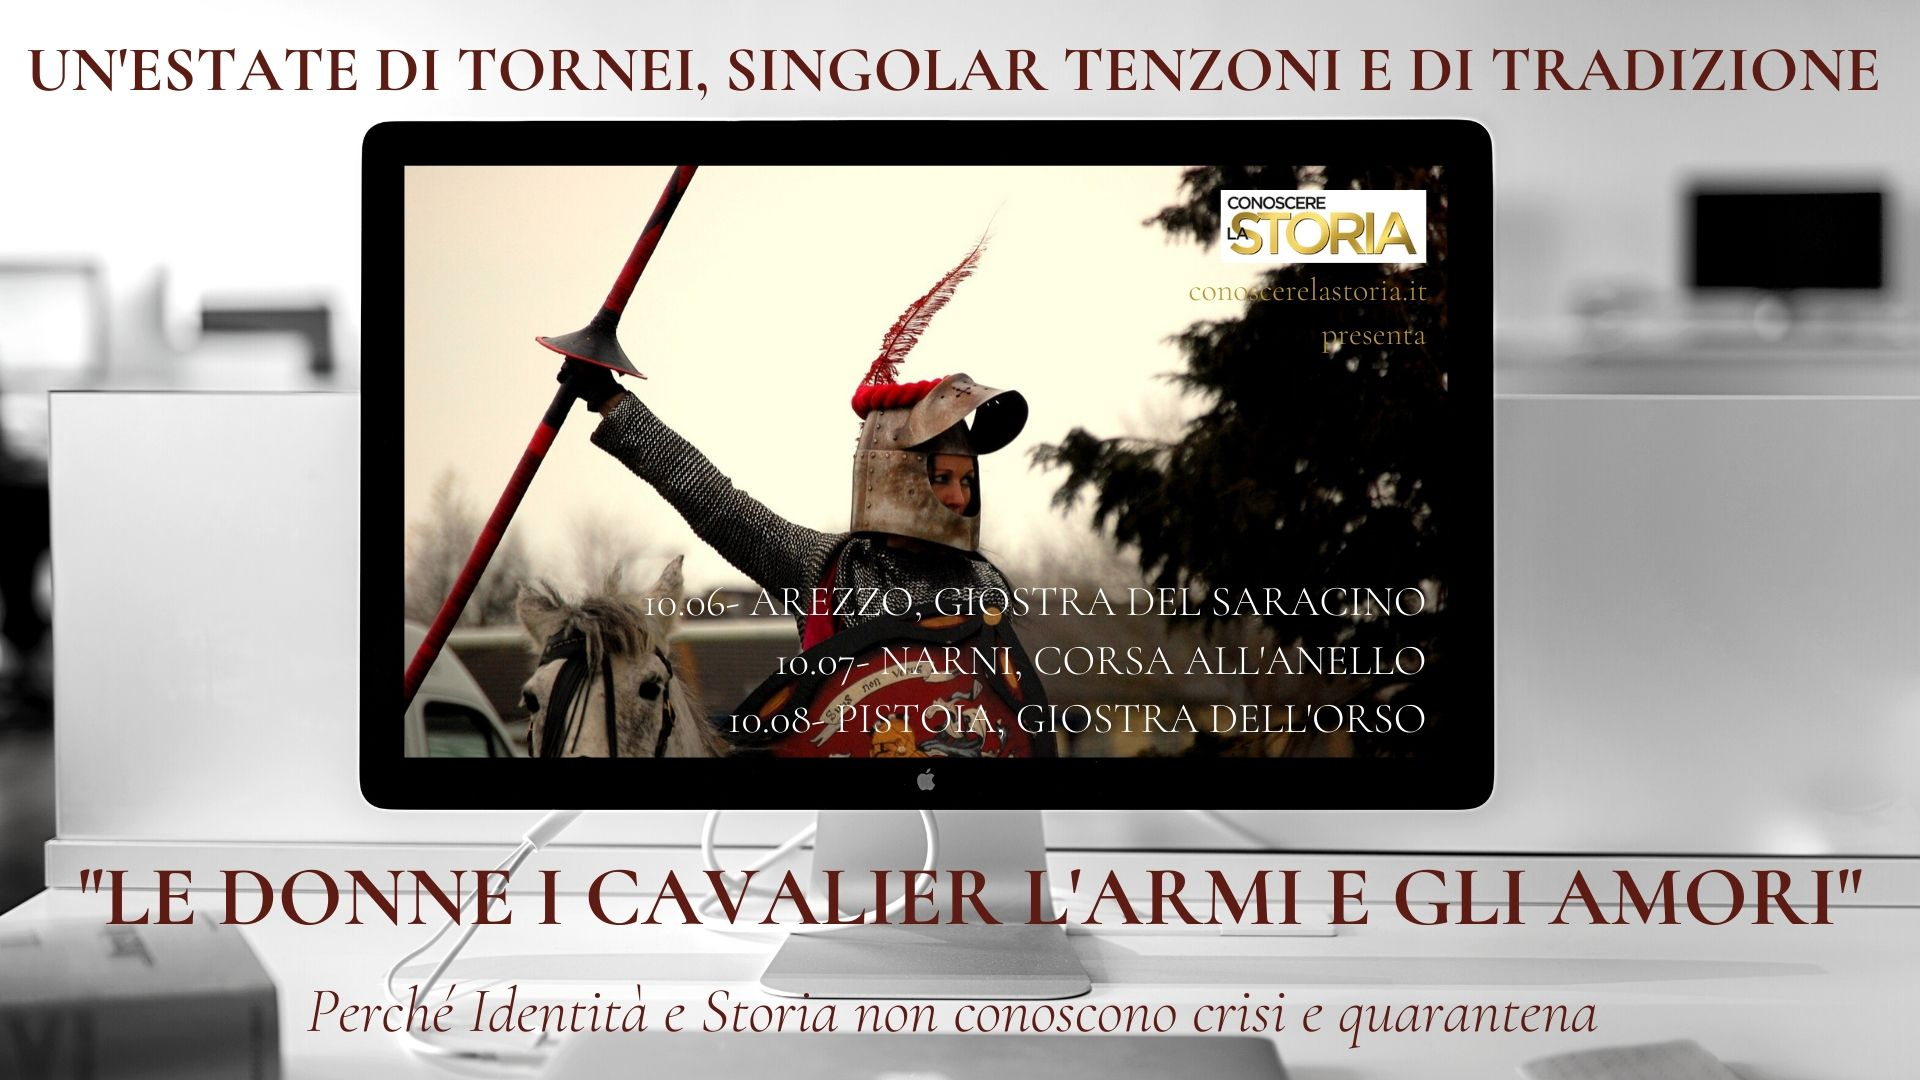 La Giostra apre la rubrica dedicata ai tornei medievali sul sito conoscerelastoria.it